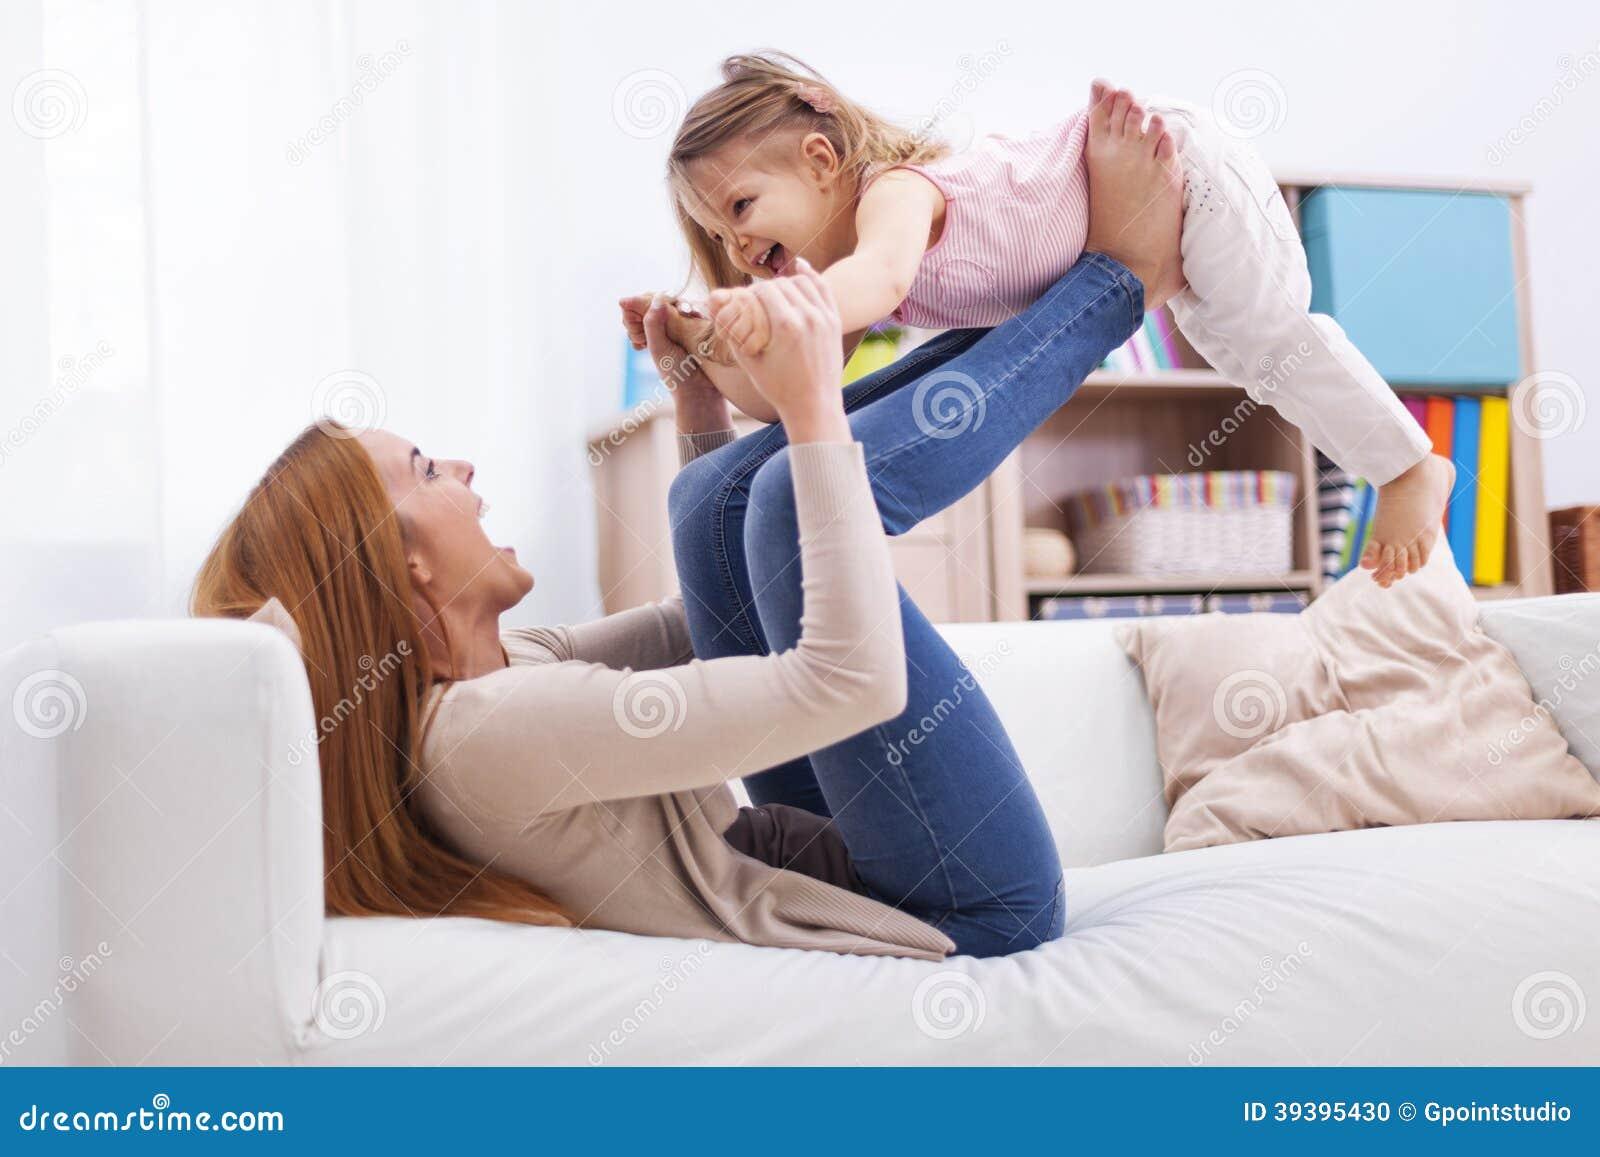 Bawić się z dzieckiem